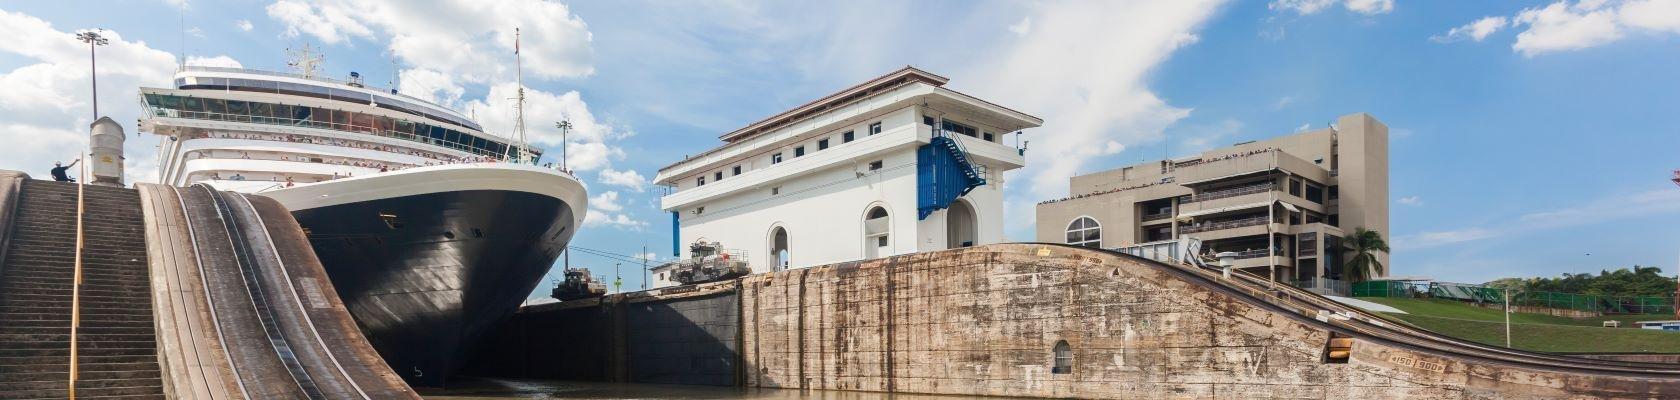 Het schip verlaat sluizen bij het Panamakanaal